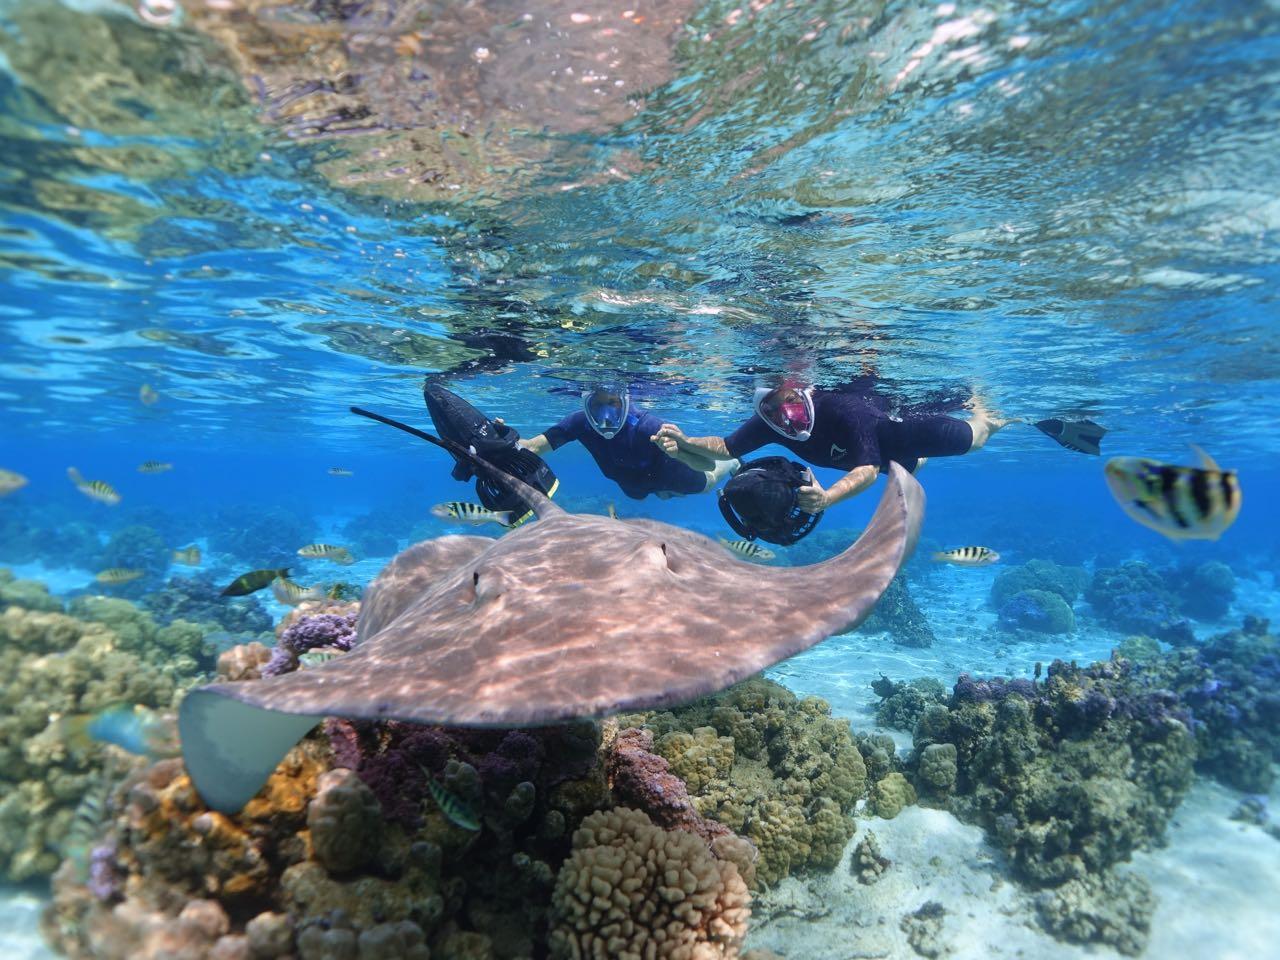 https://tahititourisme.com.br/wp-content/uploads/2020/09/Sea-Scooter-Snorkeling-Tour-à-moorea-copie-2.jpg